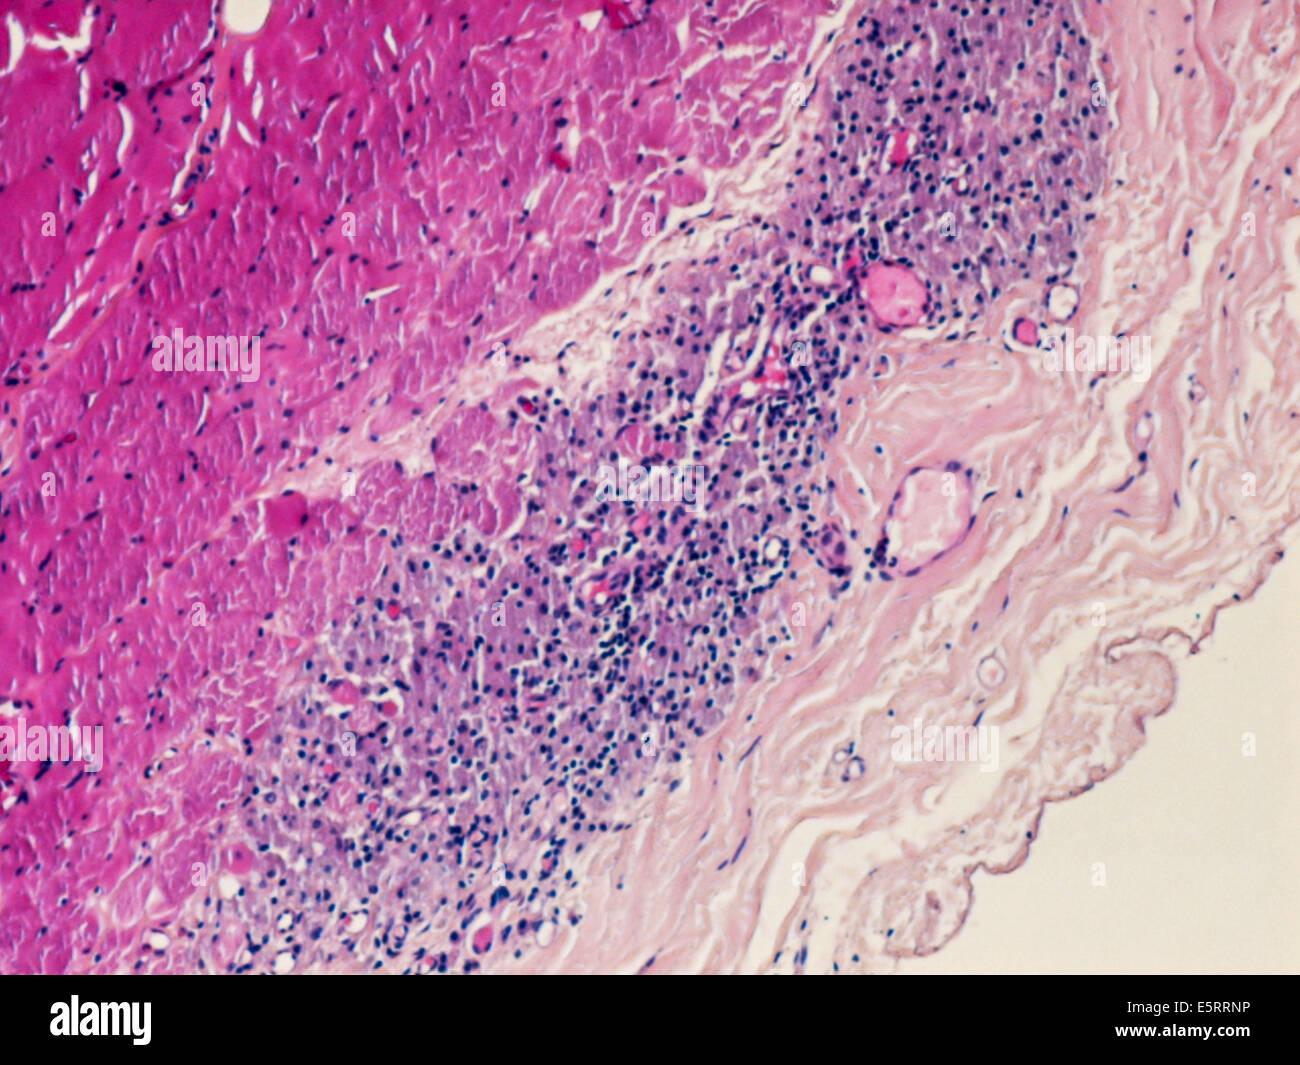 Luz micrografía de una sección a través de un tejido de biopsia del músculo deltoides mostrando una macrophagic myofasciitis post-vacunación. Foto de stock